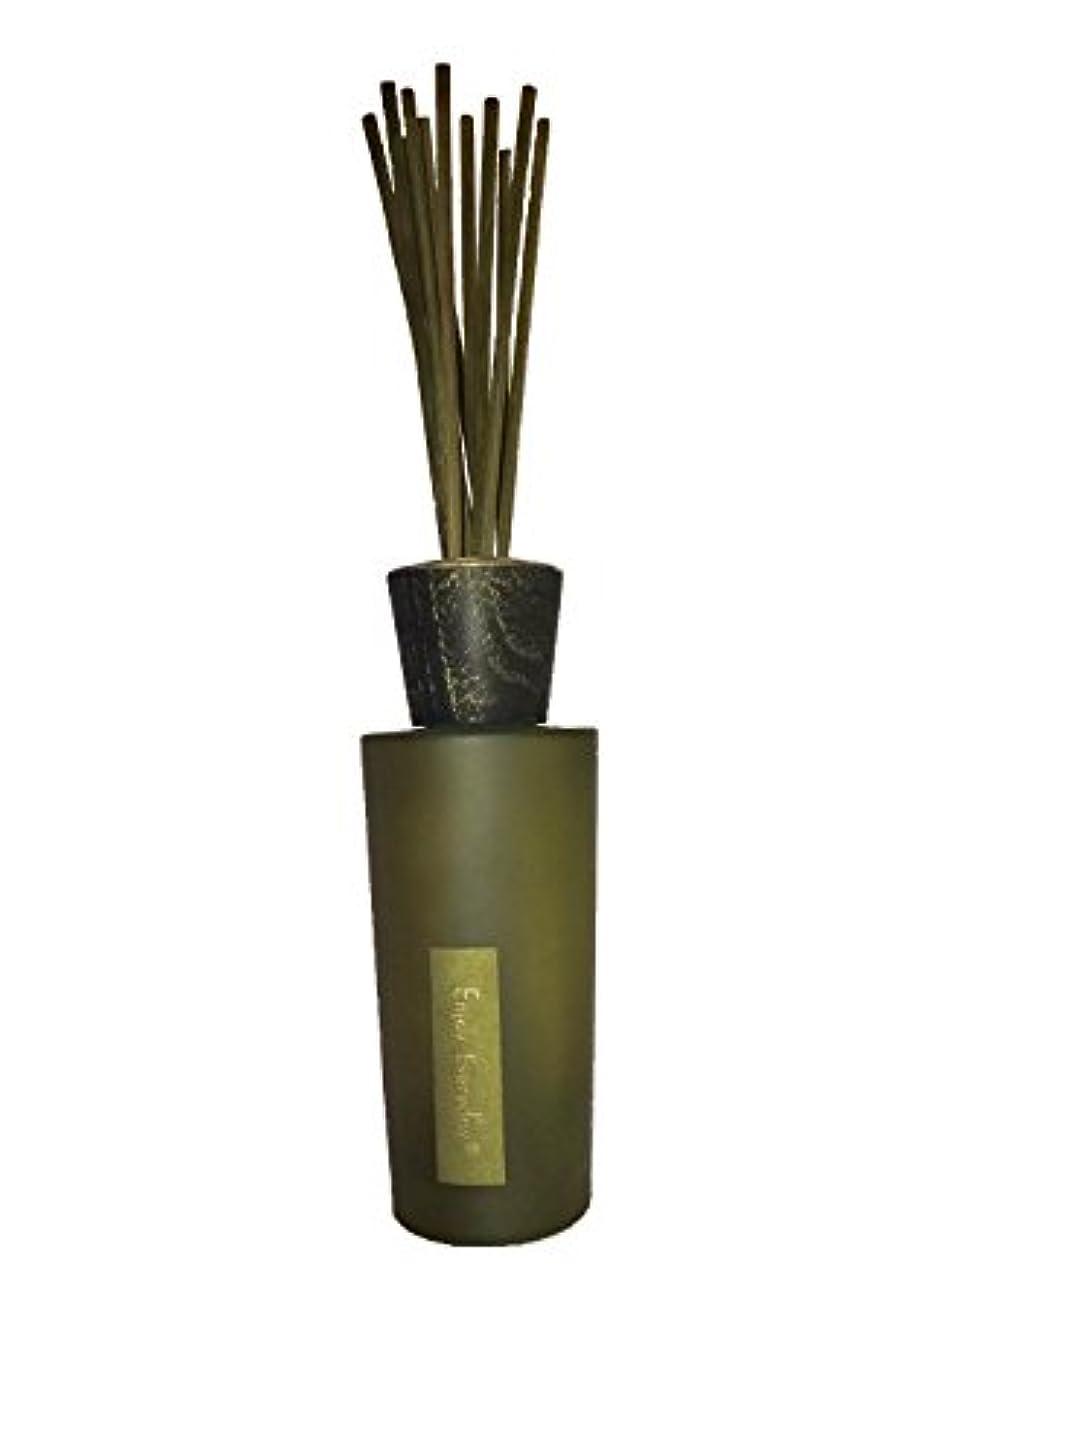 折カルシウムサロン40%OFF!【Branch of Aroma】100%天然アロマスティックディフューザー-9種の香り- (200ml) (わくわくFruit)